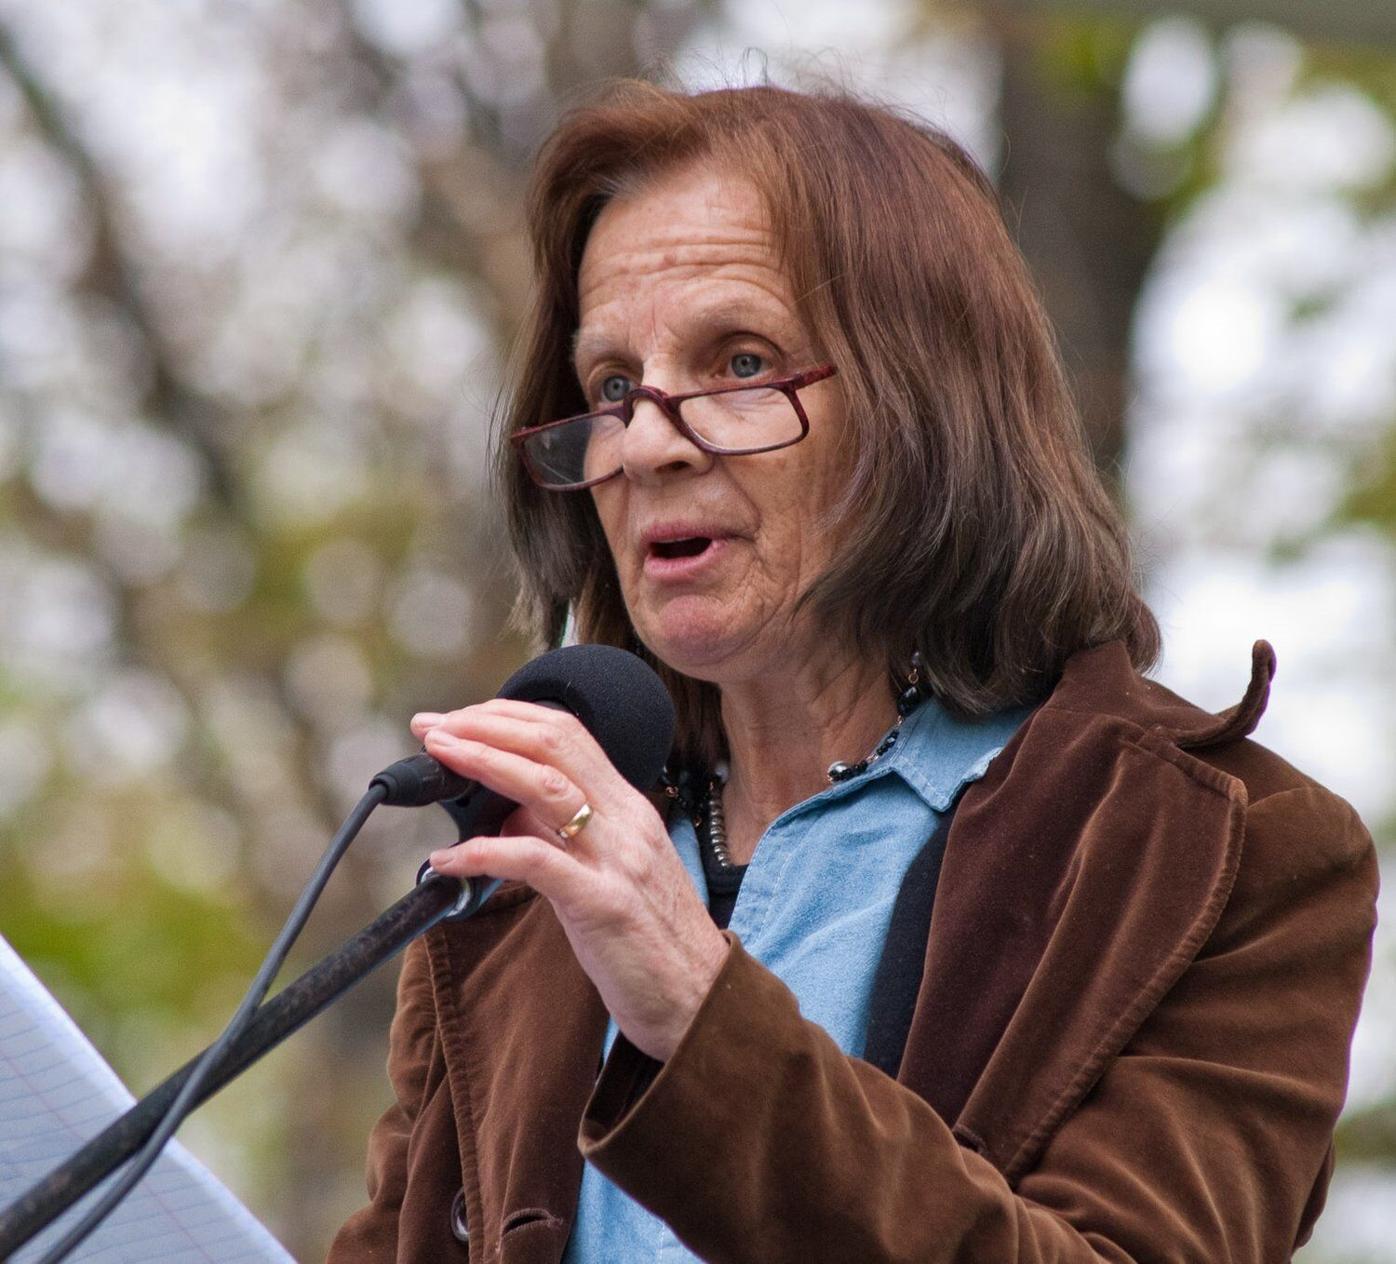 Burke seeking reelection to Windham 2-2